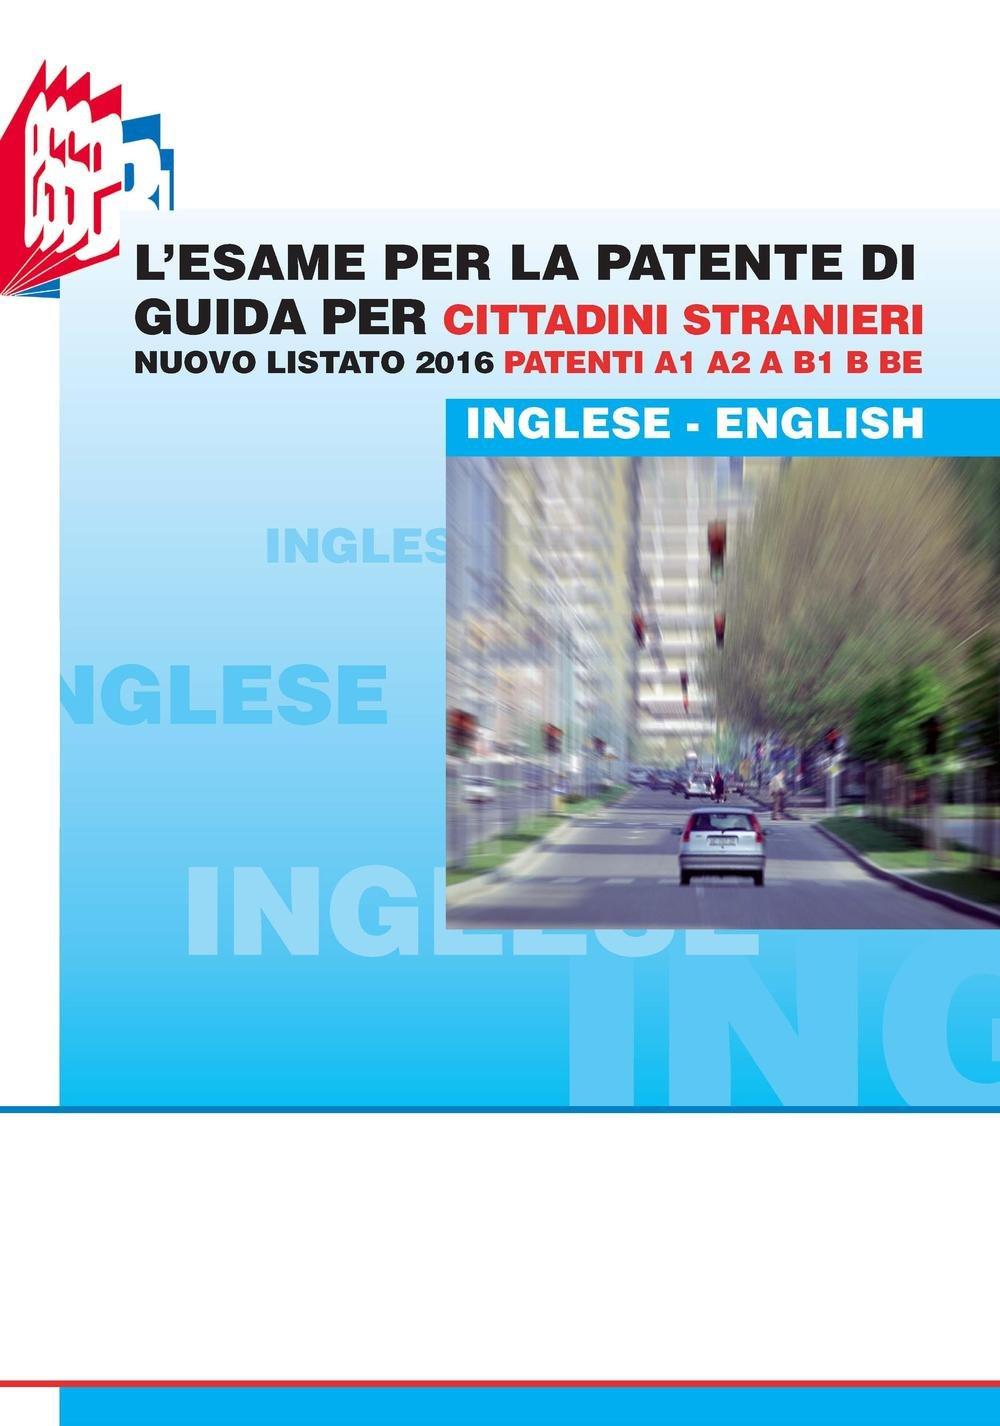 L'esame per la patente di guida per cittadini stranieri. Nuovo listato 2016 patenti A1 A2 e B1 B BE (Inglese) Copertina flessibile – 31 dic 2016 Luciana Bottoli Stefano Bottoli Essebi Italia 8899120226